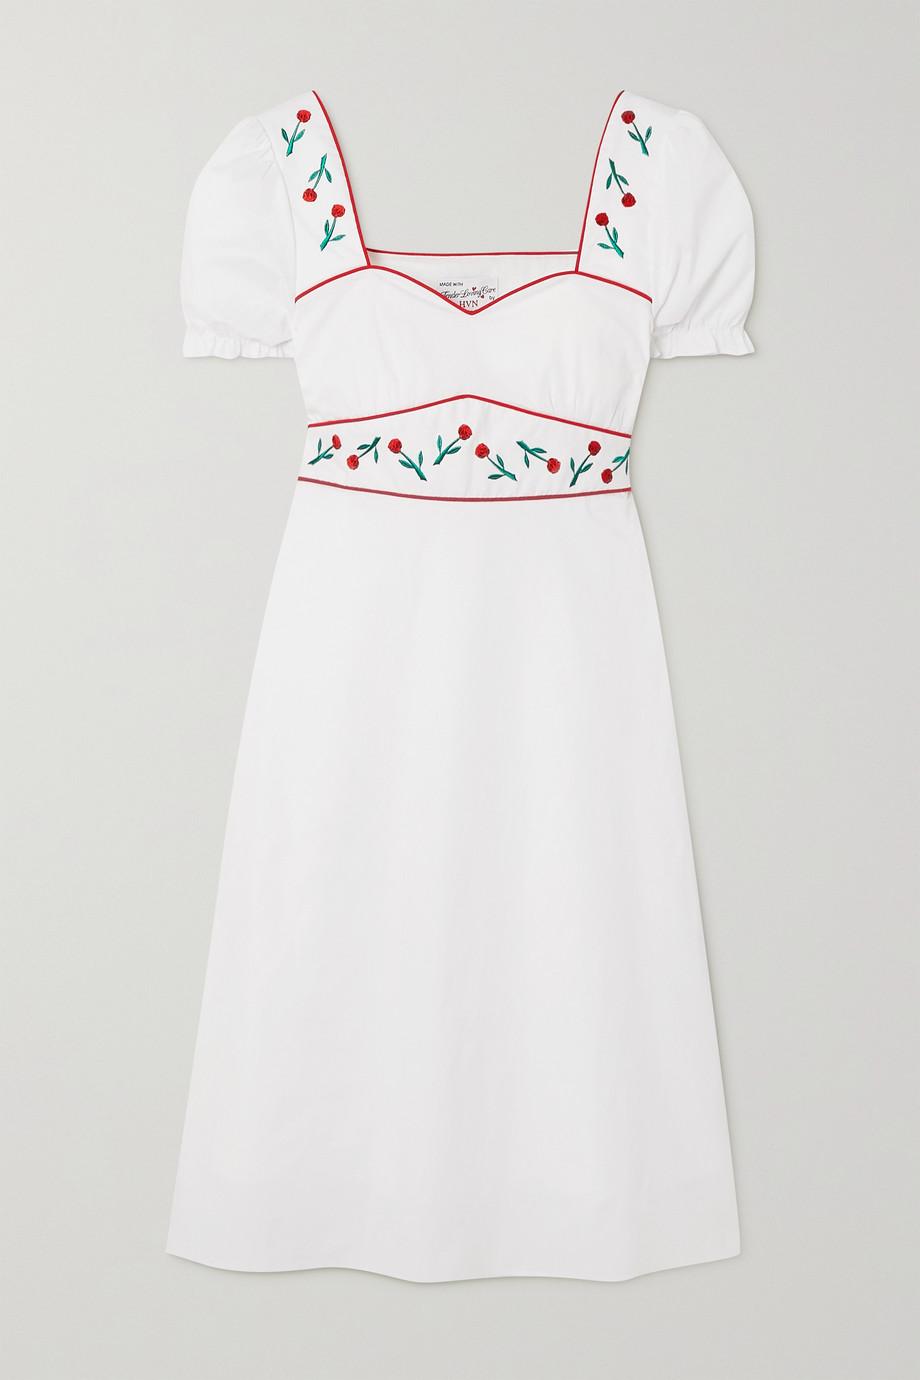 HVN Zoey Kleid aus Popeline aus einer Baumwollmischung mit Stickereien